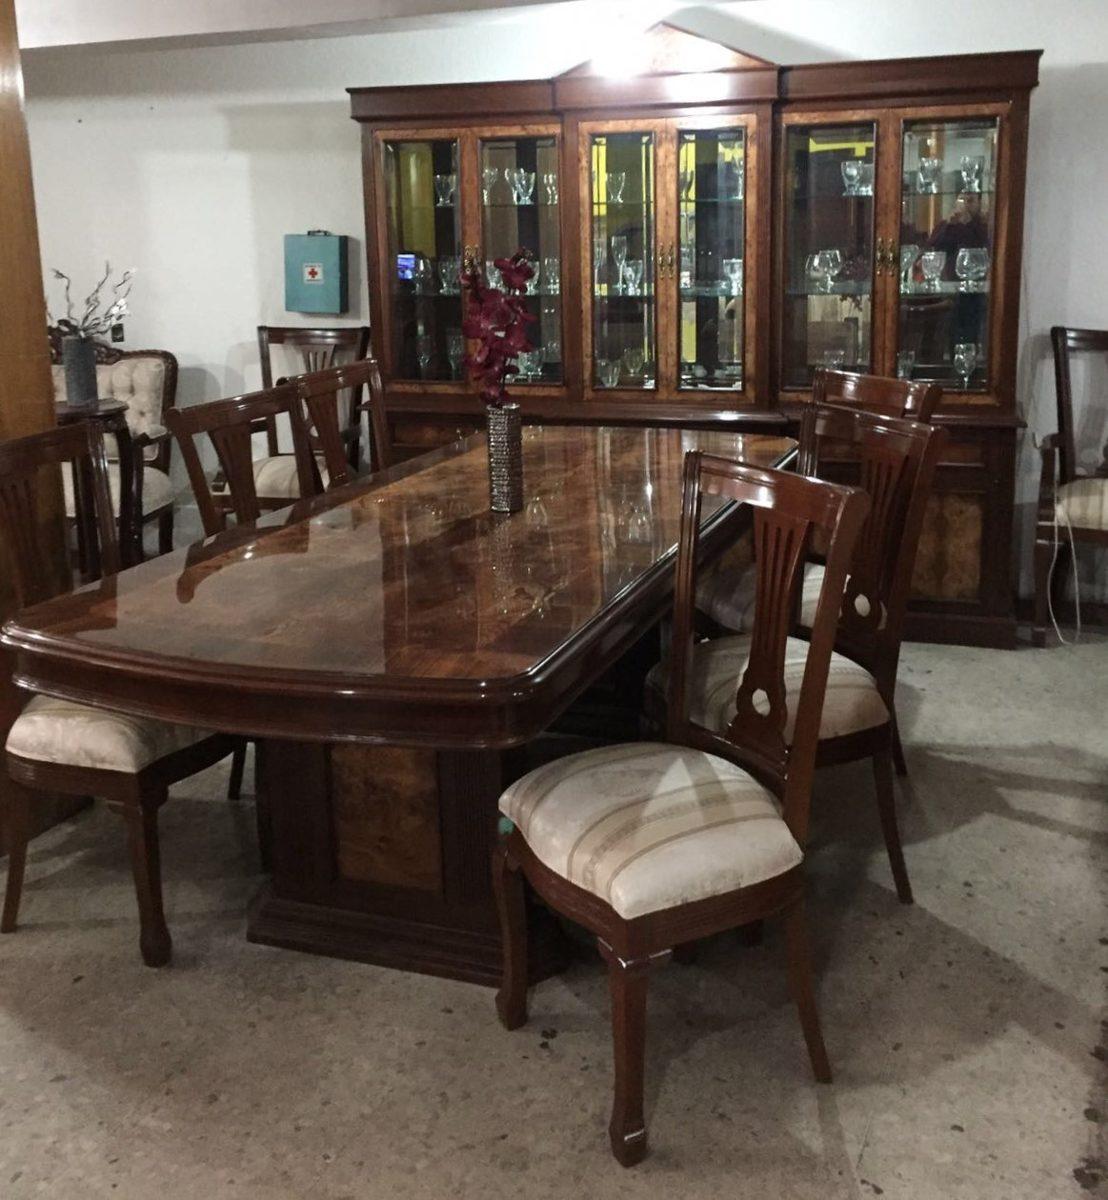 Comedor provenzal modernista modelo ingl s en madera fina for Modelos comedores